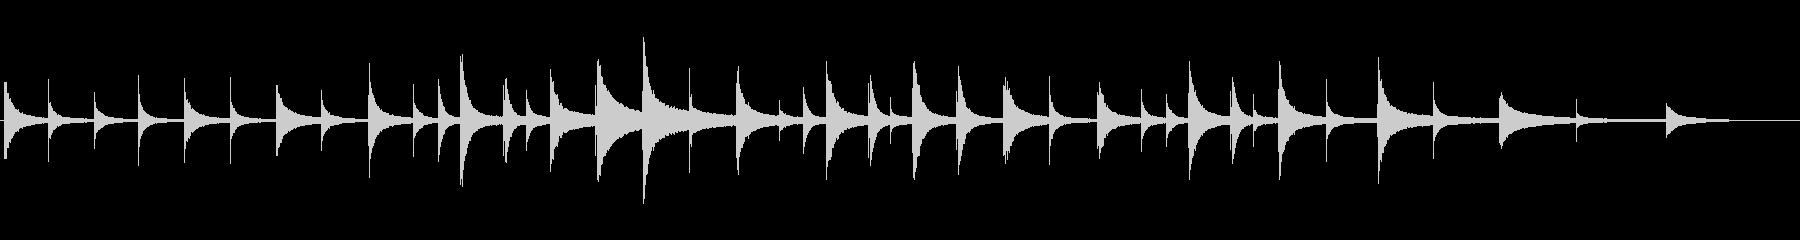 MUSIC BOX、LONG、MU...の未再生の波形